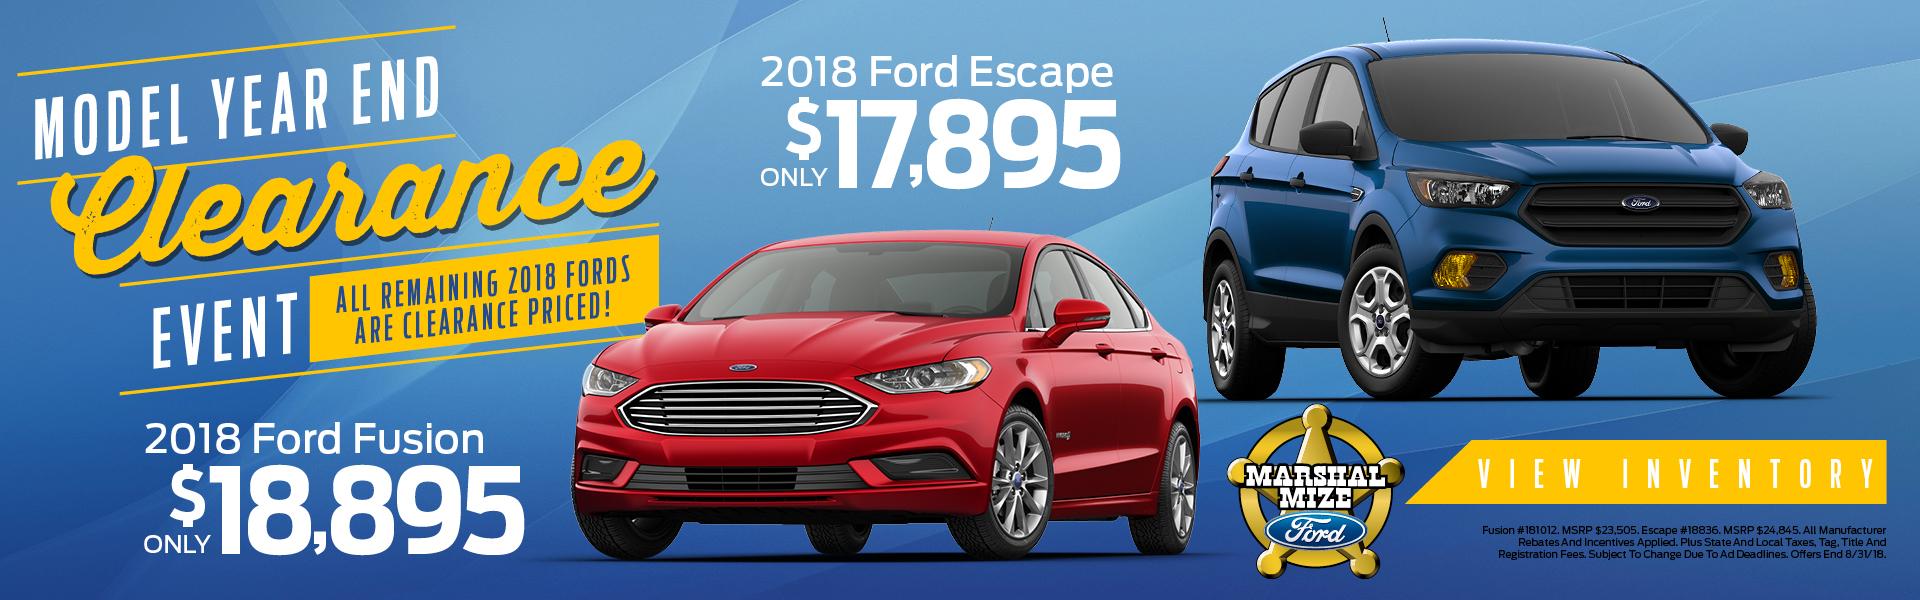 Ford Fusion & Ford Escape